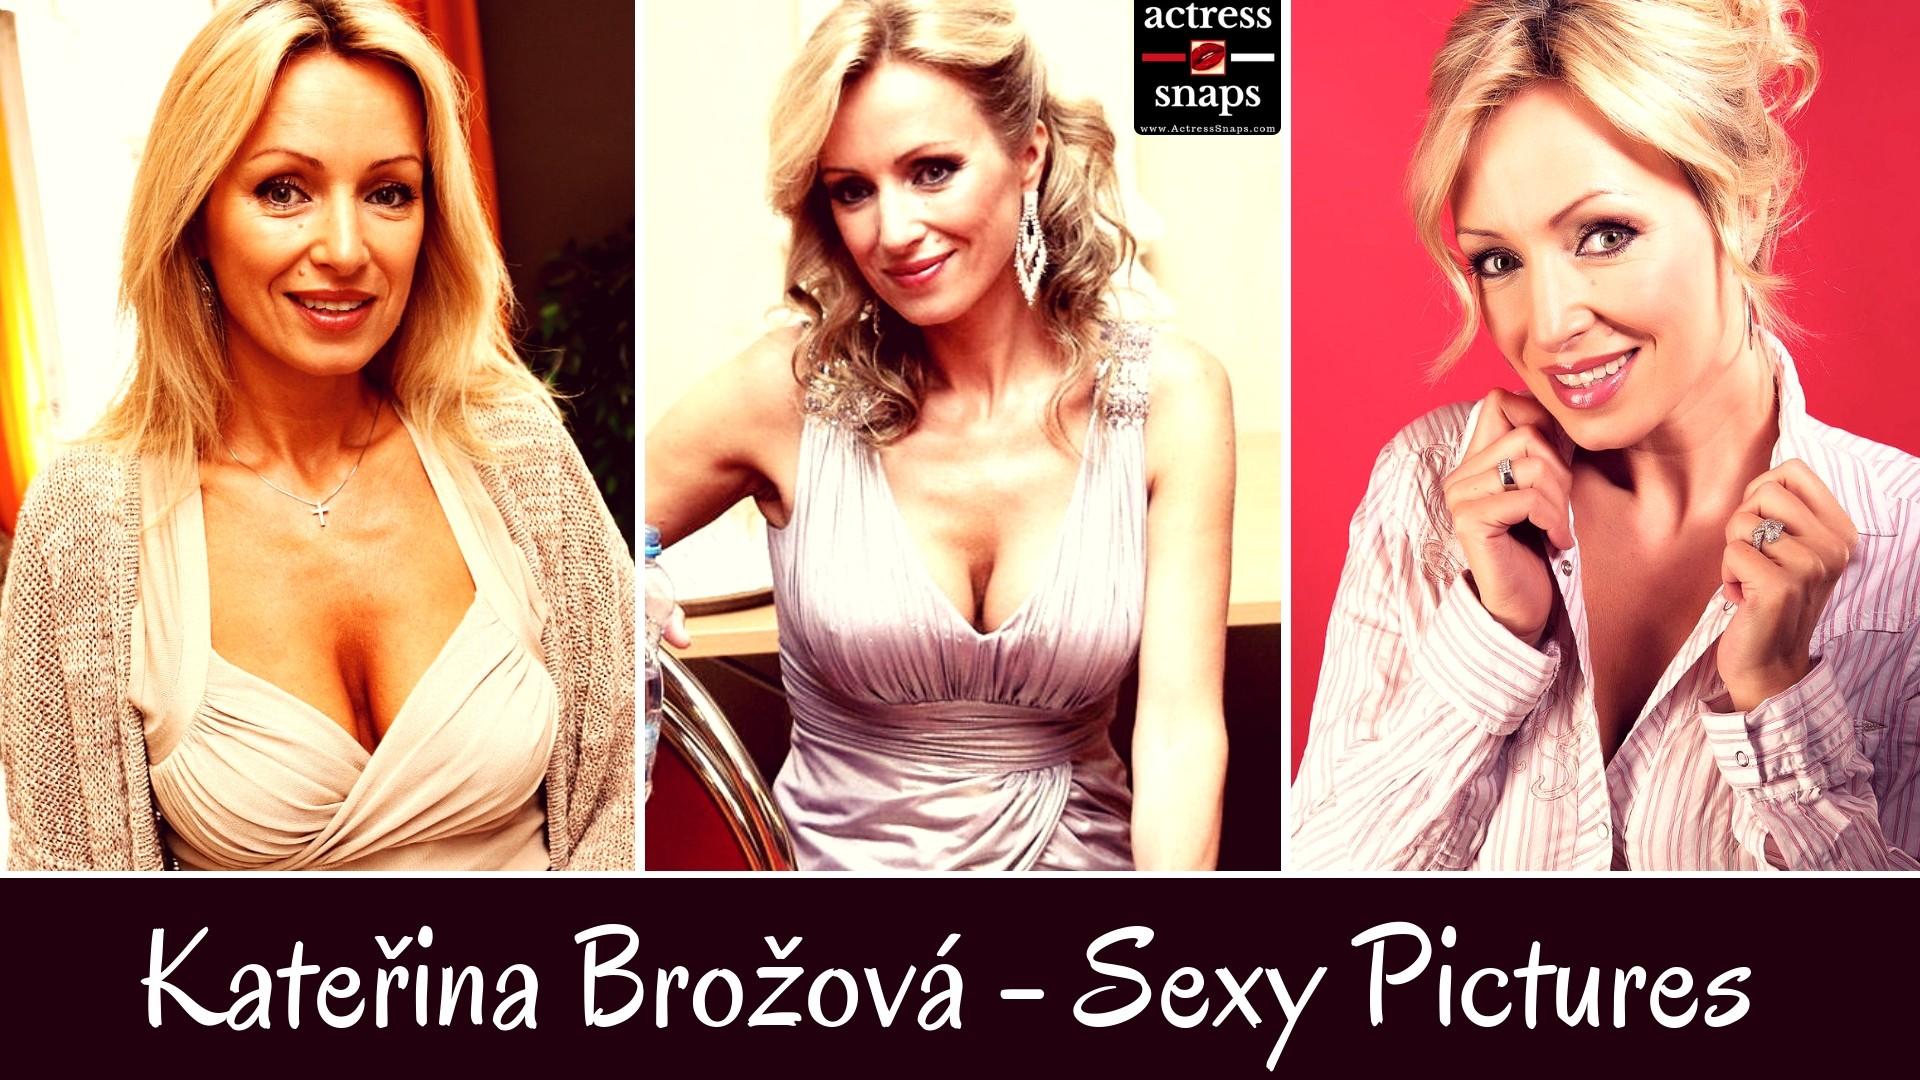 Sexy Kateřina Brožová Pictures - Sexy Actress Pictures | Hot Actress Pictures - ActressSnaps.com